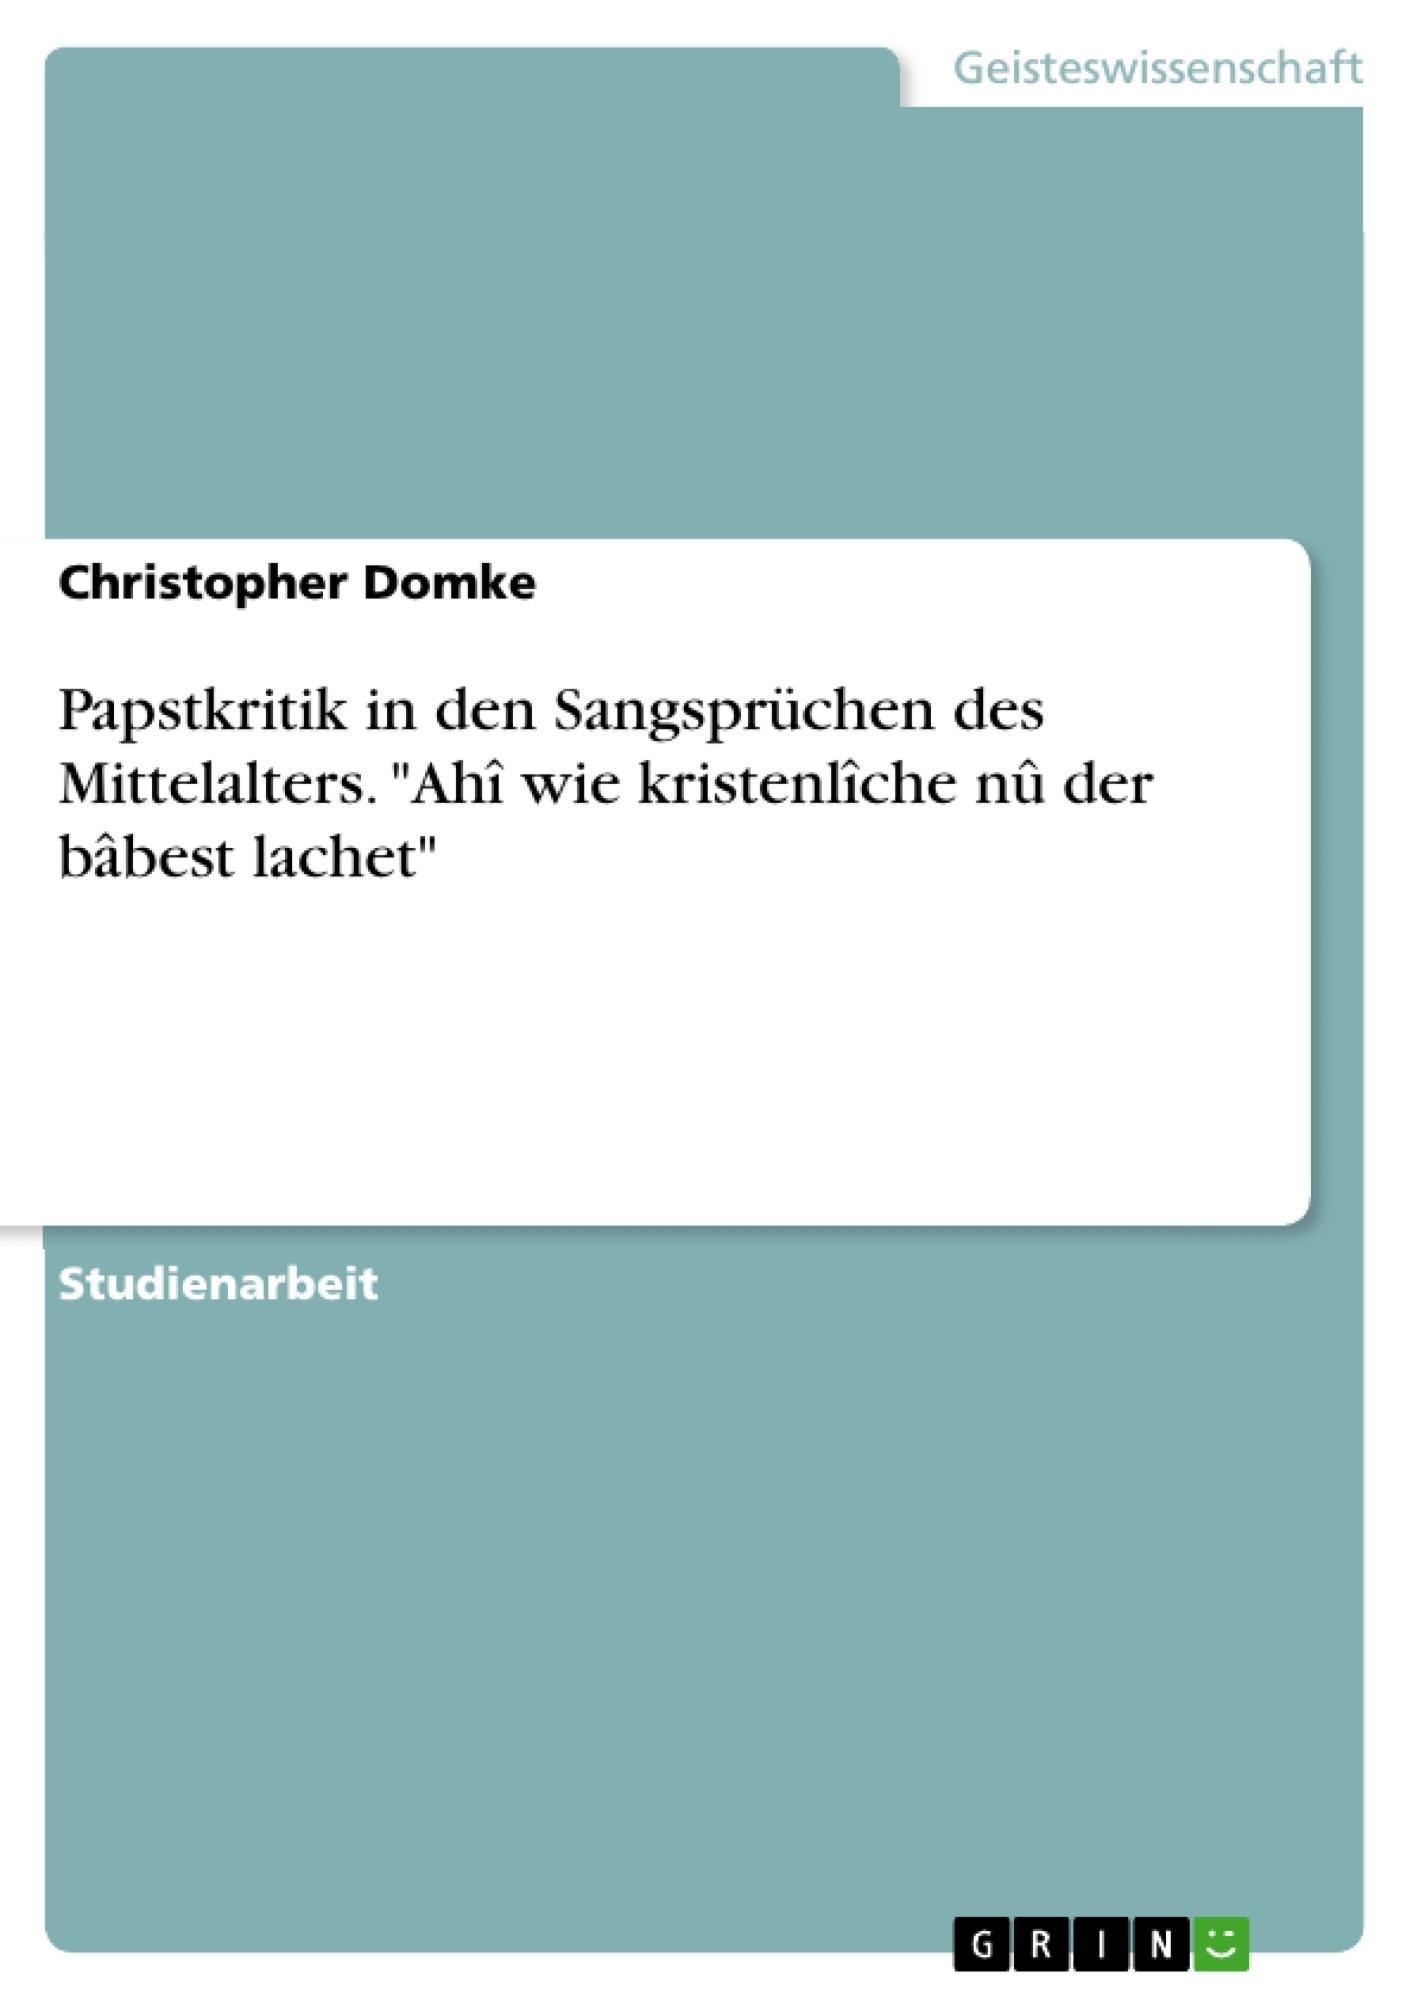 """Titel: Papstkritik in den Sangsprüchen des Mittelalters. """"Ahî wie kristenlîche nû der bâbest lachet"""""""